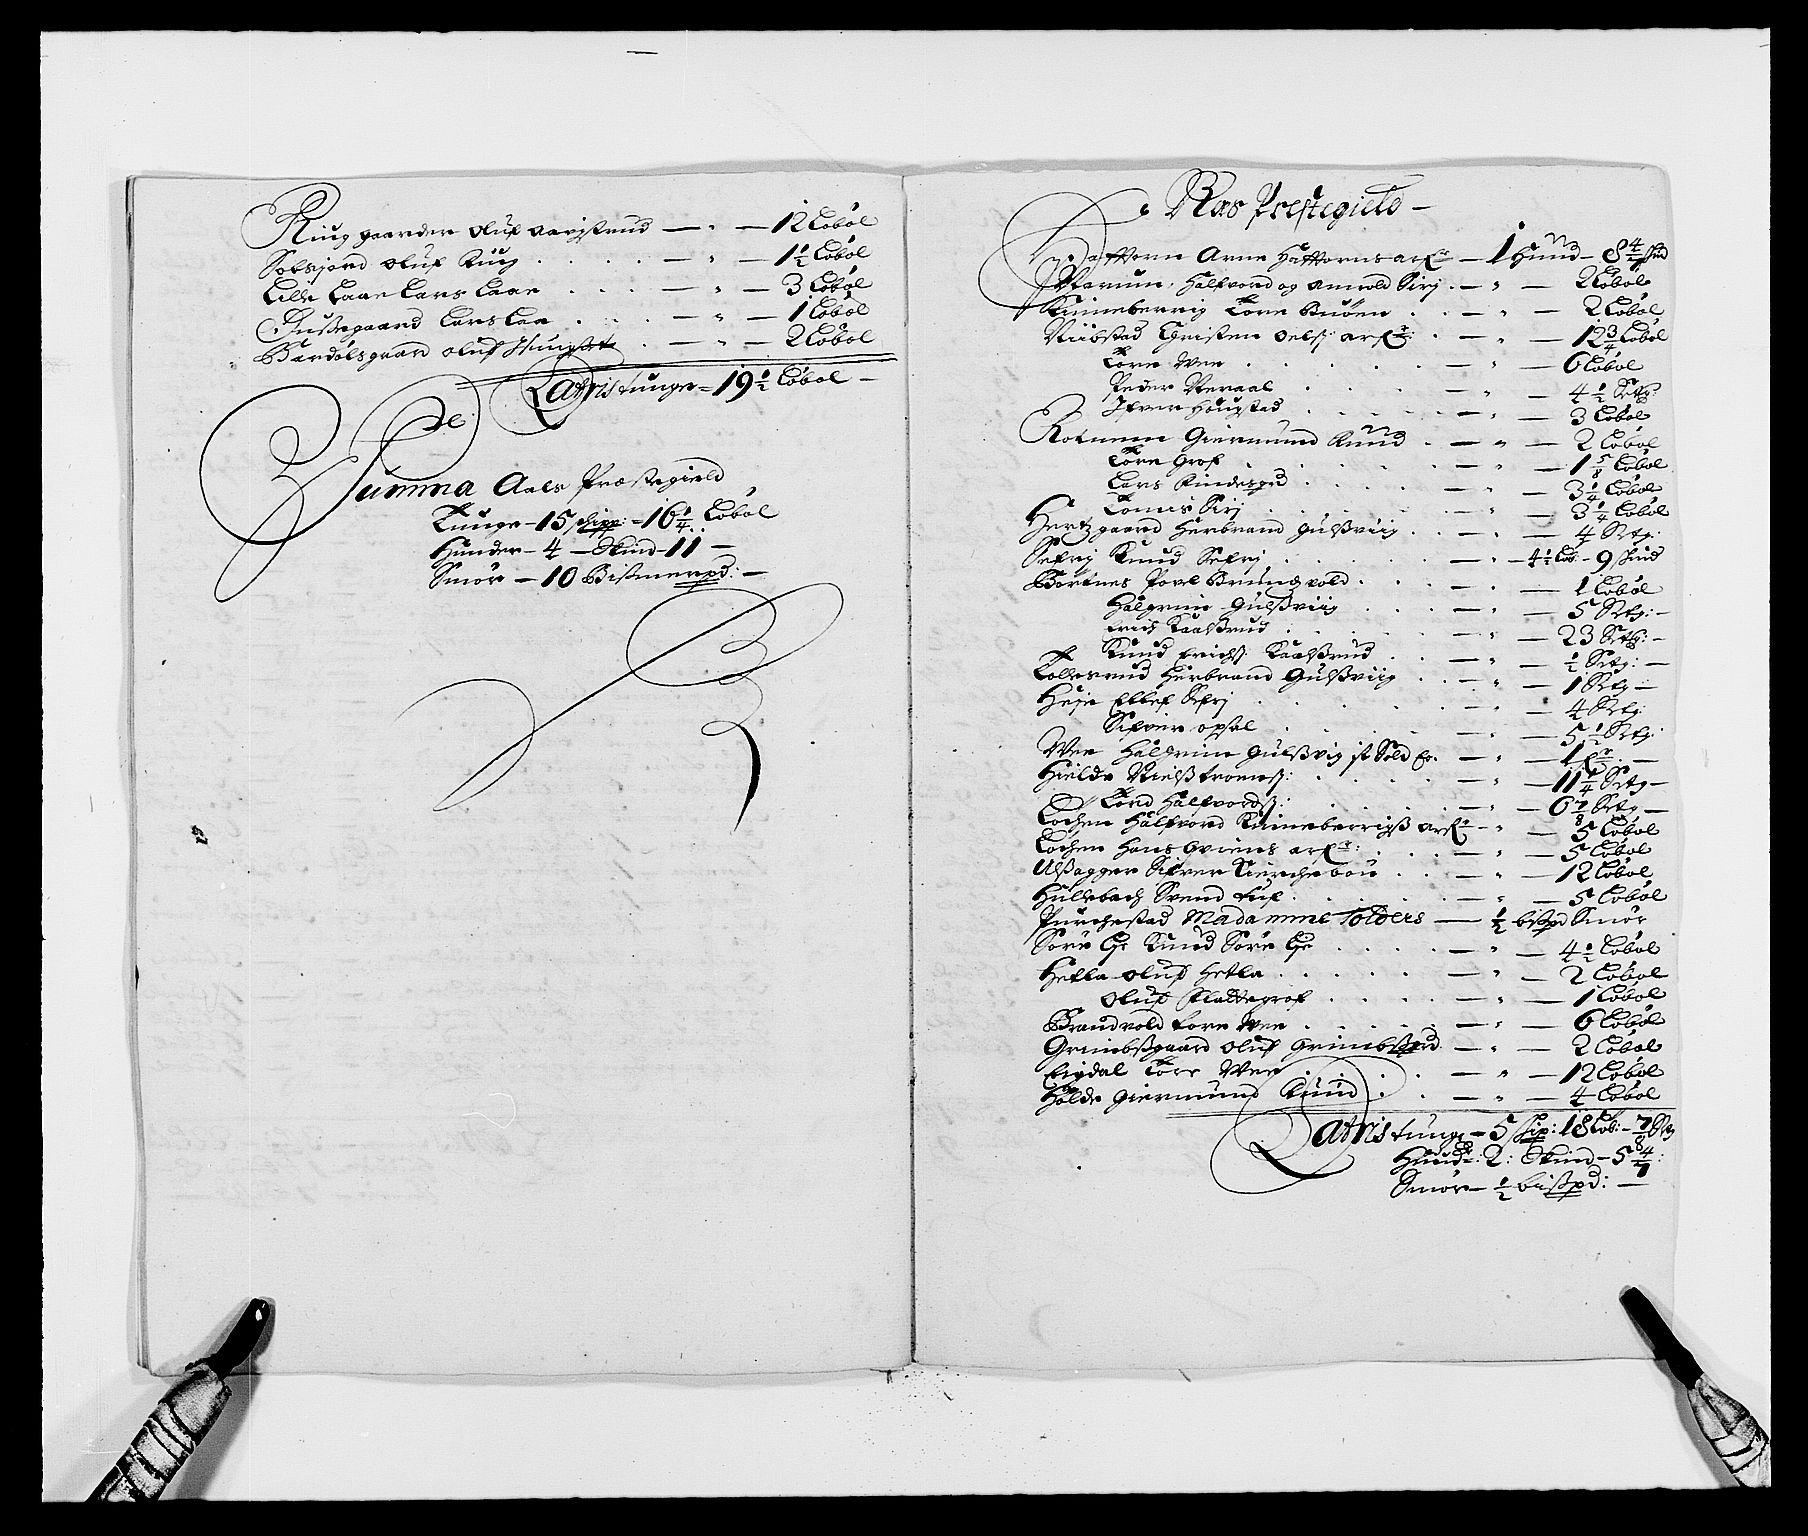 RA, Rentekammeret inntil 1814, Reviderte regnskaper, Fogderegnskap, R21/L1447: Fogderegnskap Ringerike og Hallingdal, 1687-1689, s. 173